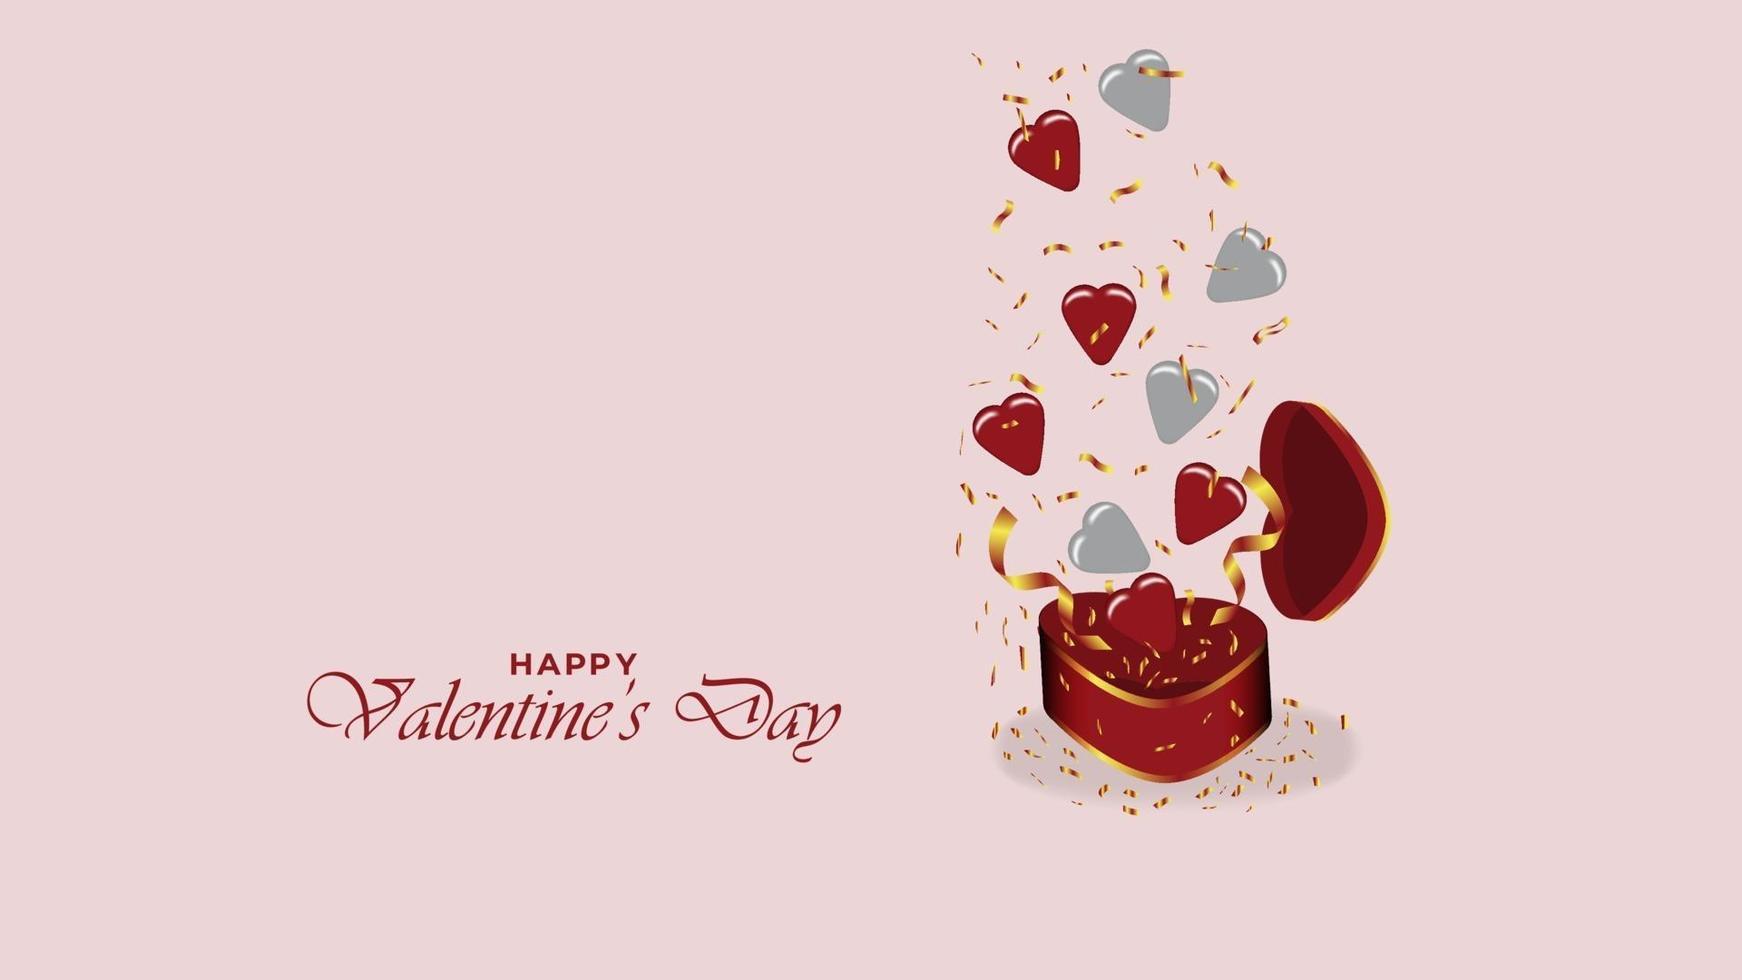 fond de jour de valentine heureux avec boîte-cadeau réaliste et objets de conception de symbole de coeur vecteur